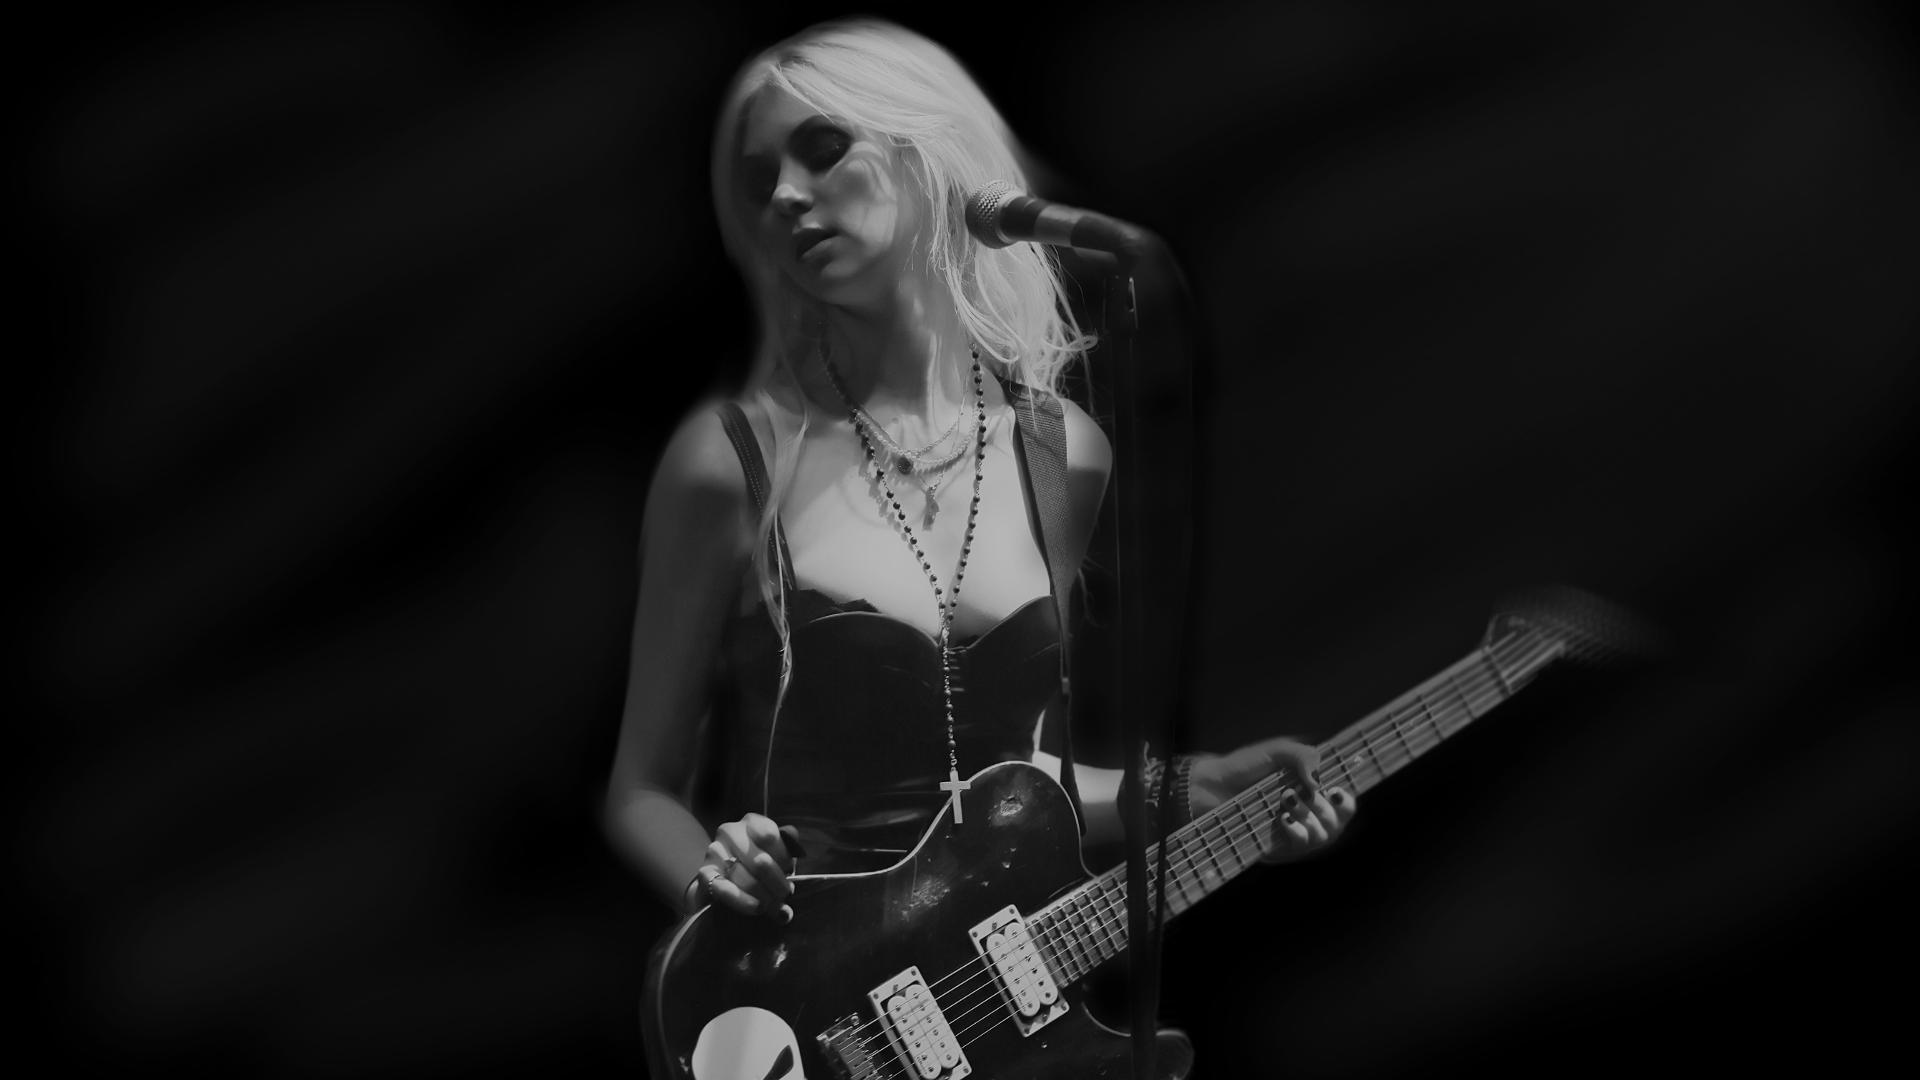 Taylor Momsen Background 3 by AirTease on DeviantArt Taylor Momsen 2017